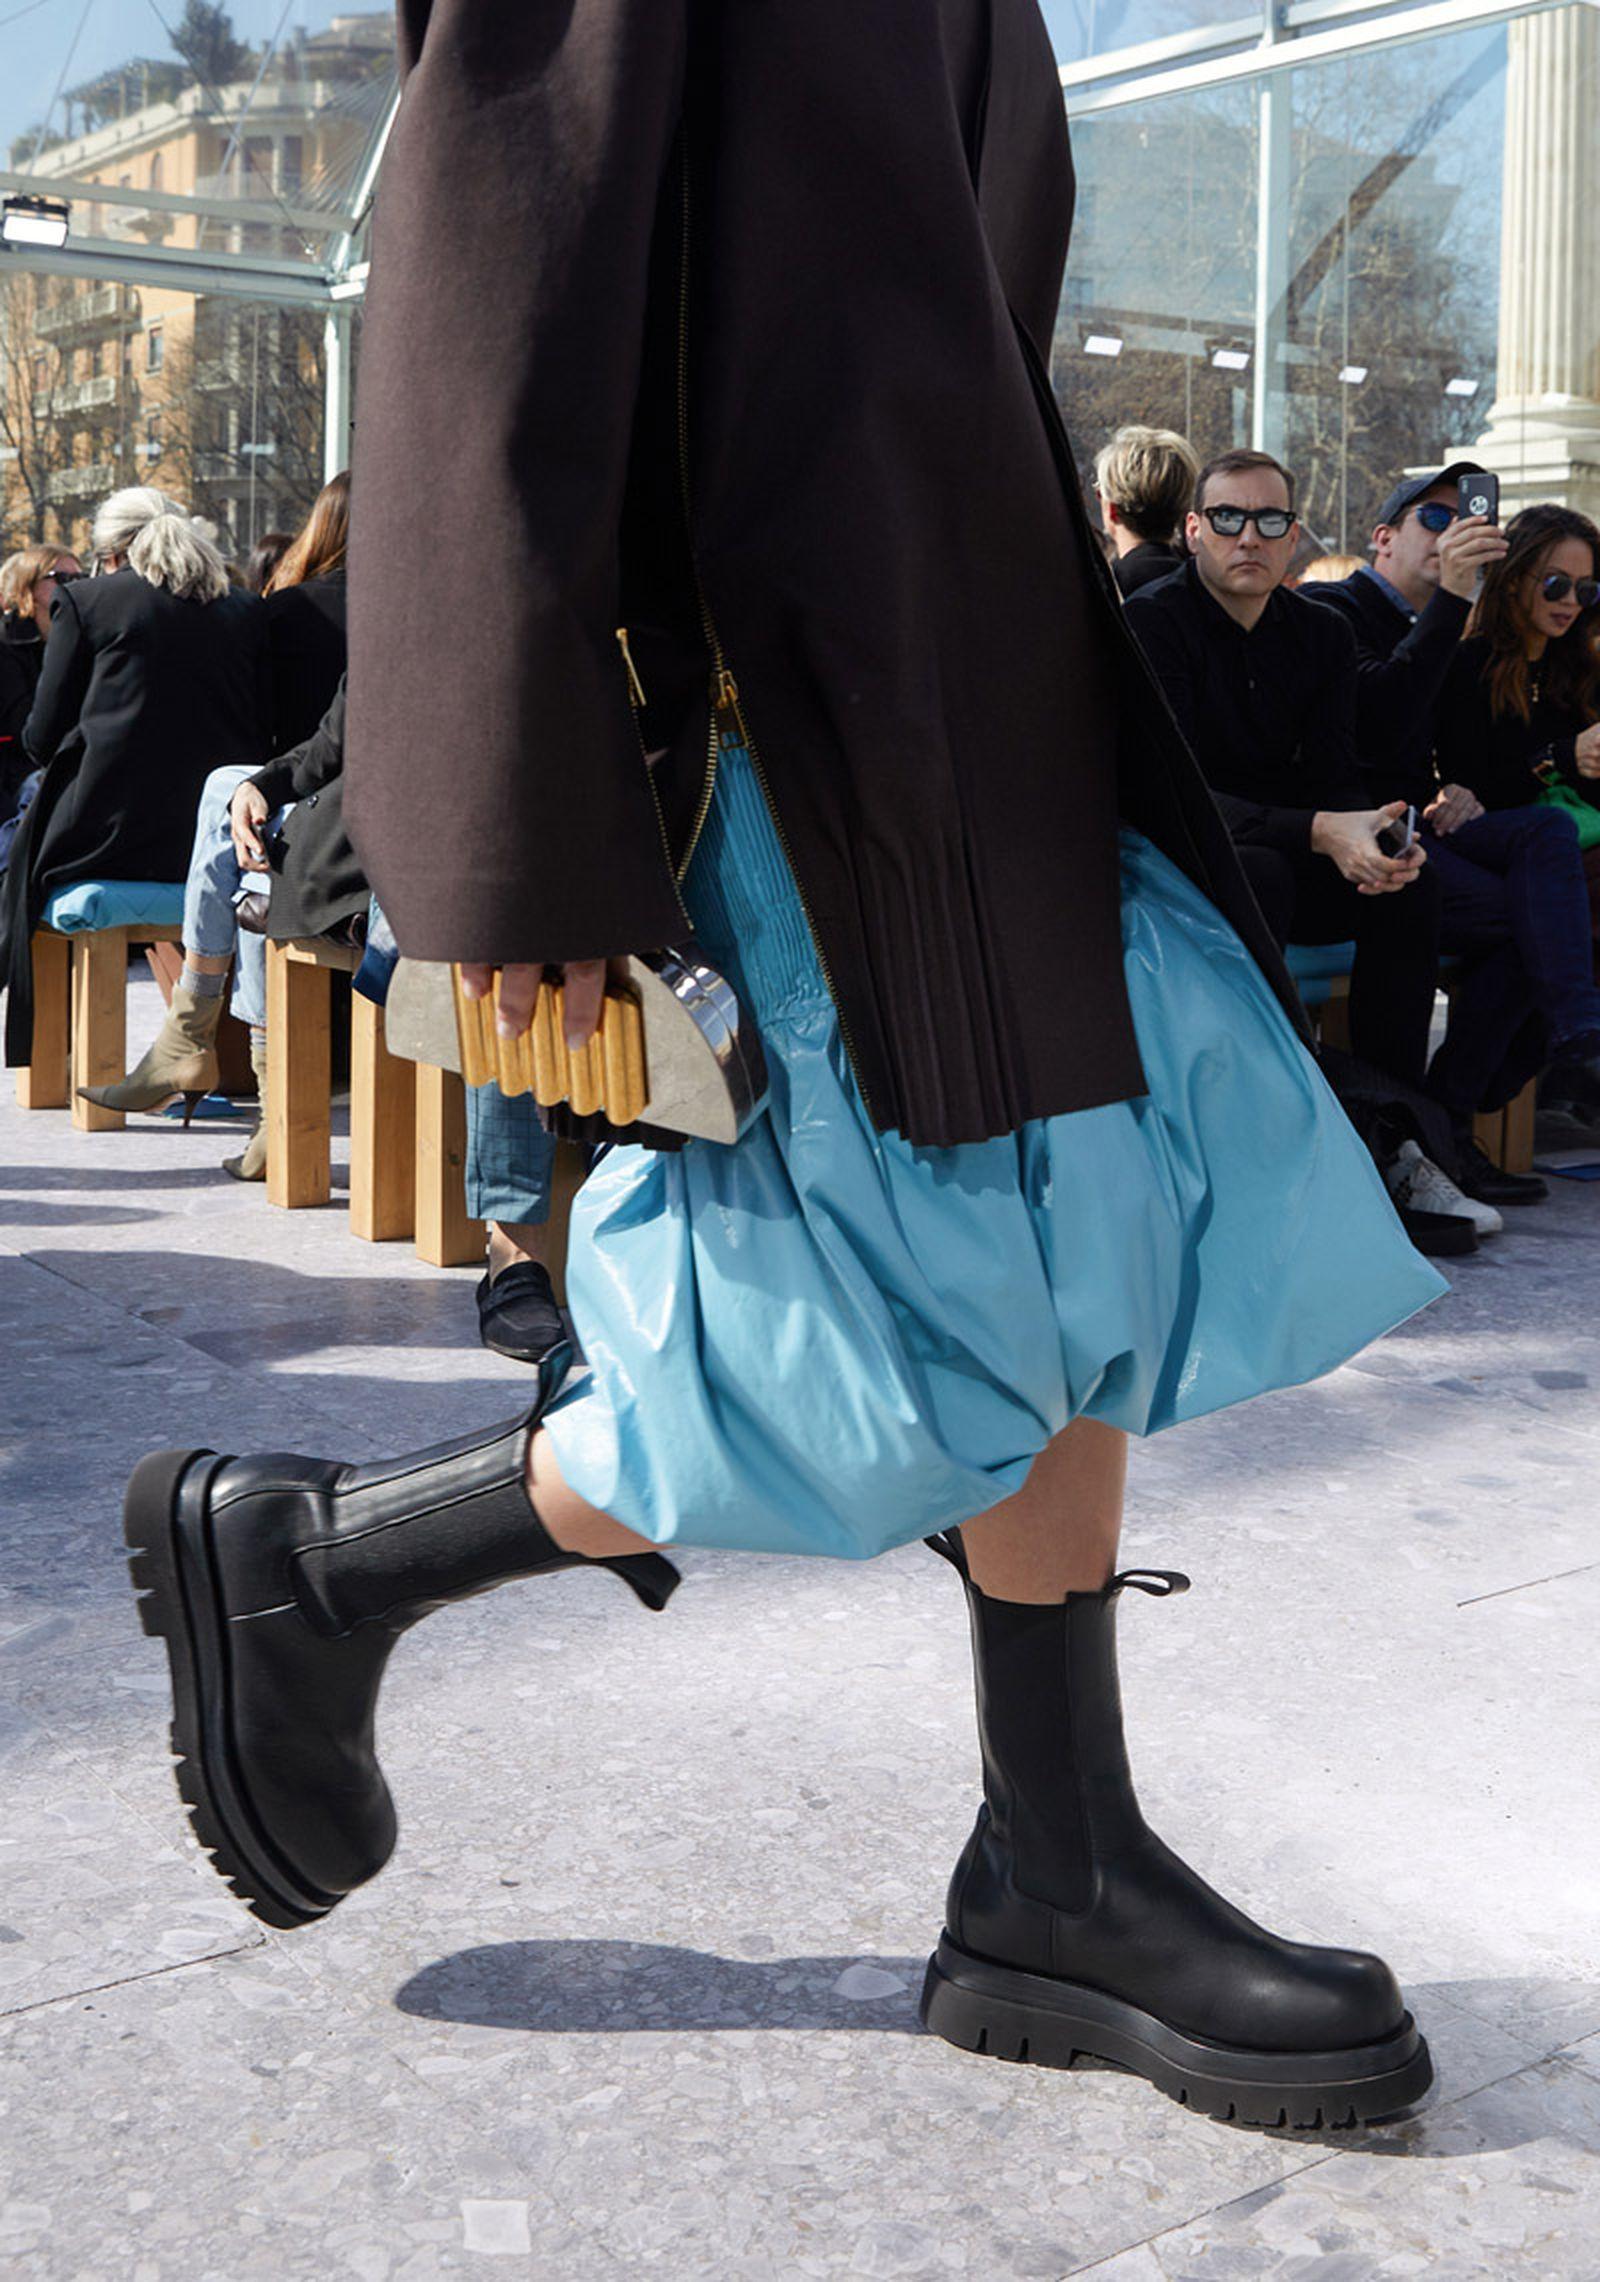 bottega-veneta-is-bringing-timeless-luxury-back-to-fashion-26